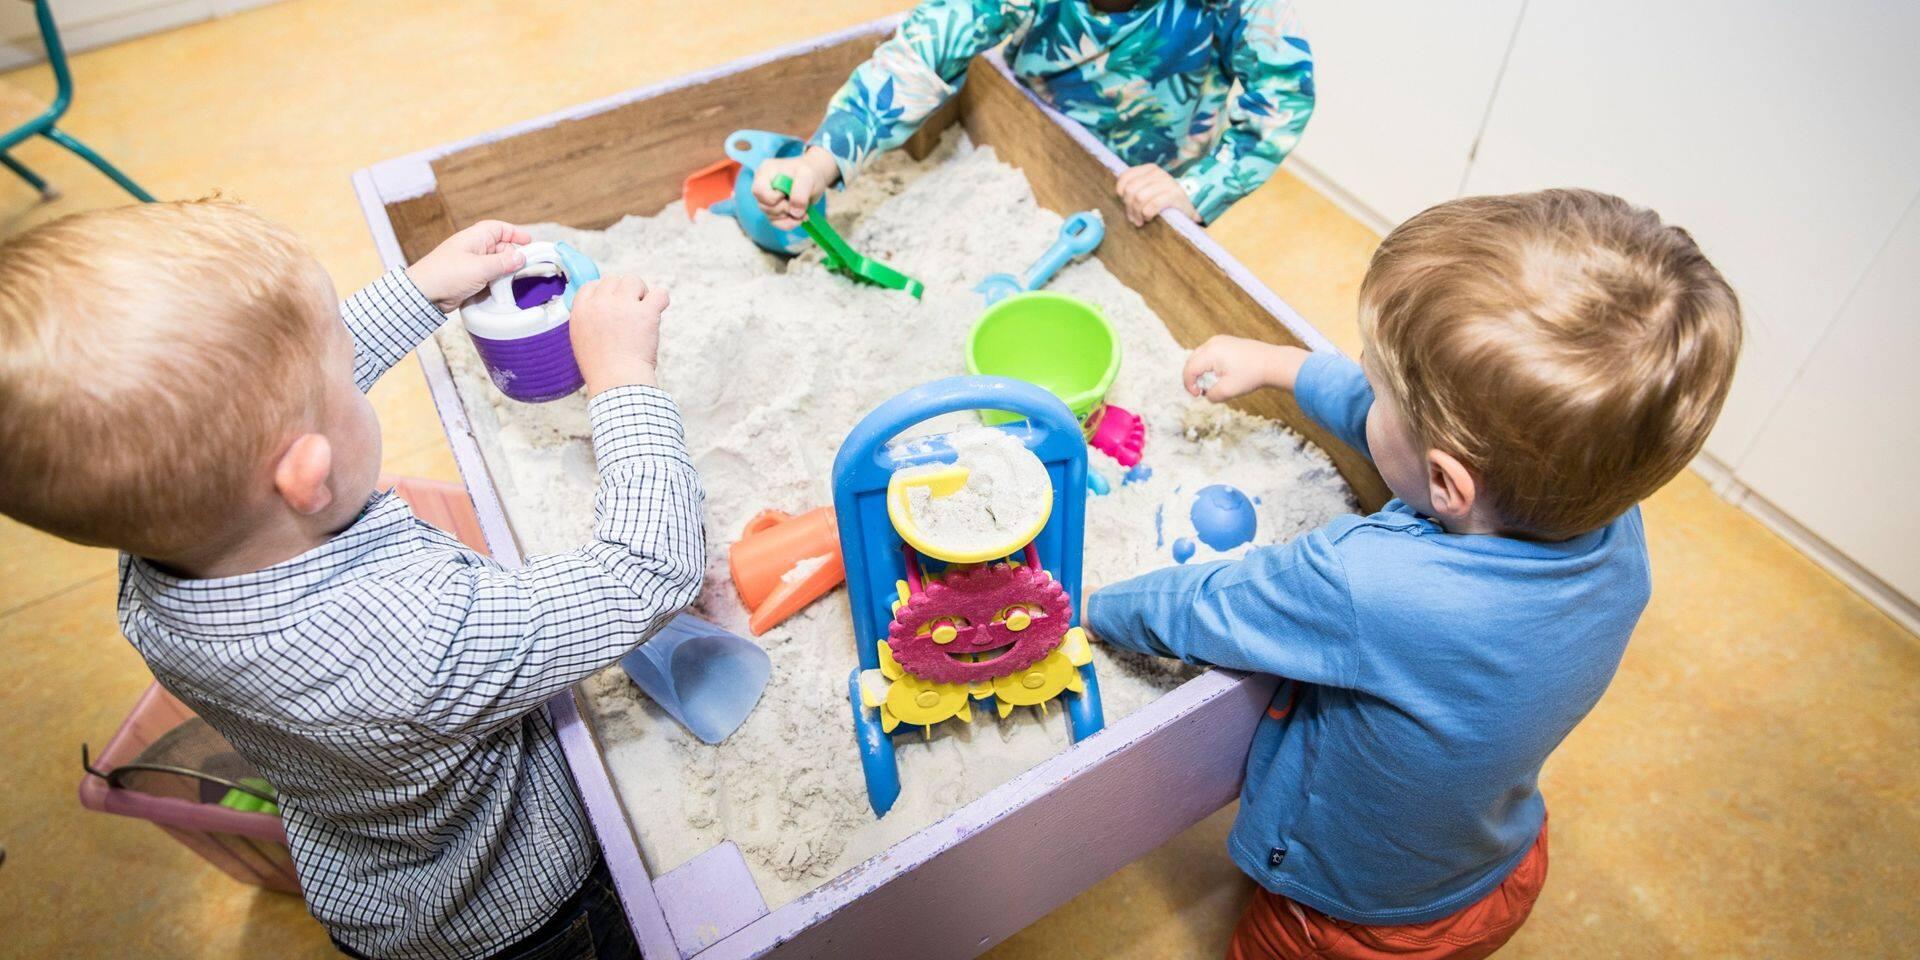 Les écoles Petits ballons et Poelbos de Jette vont bénéficier de nouveaux bâtiments